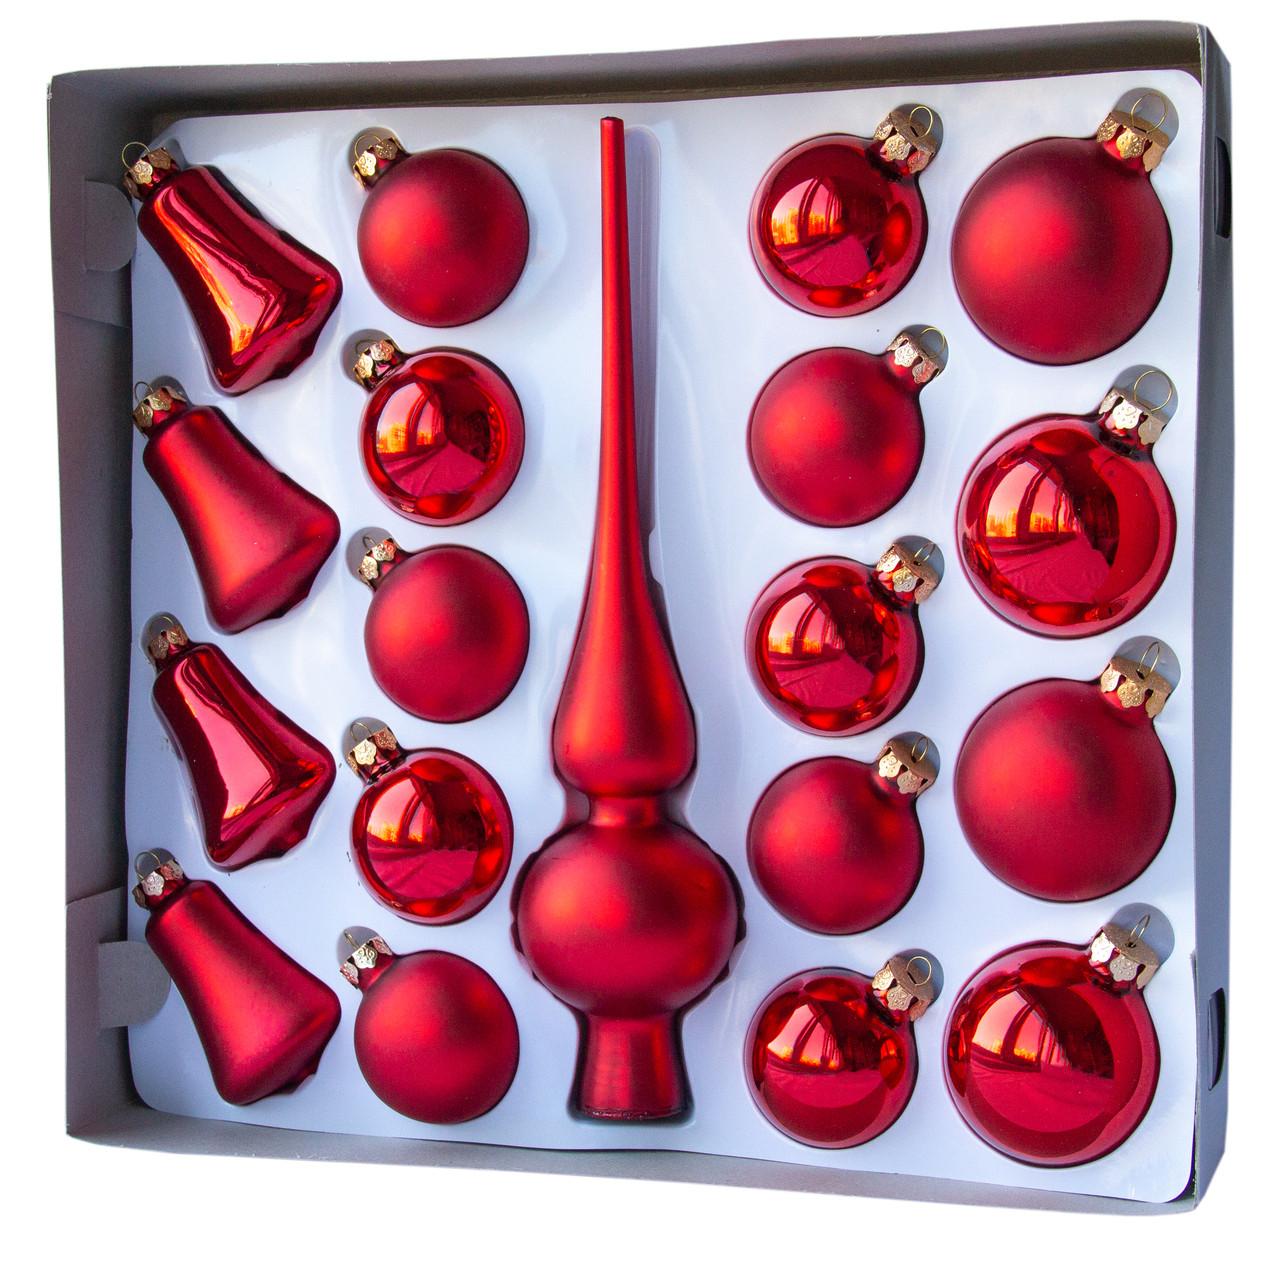 Набор елочных игрушек - шары с верхушкой, 19 шт, D5-6 см, красный, микс, стекло (390212-3)